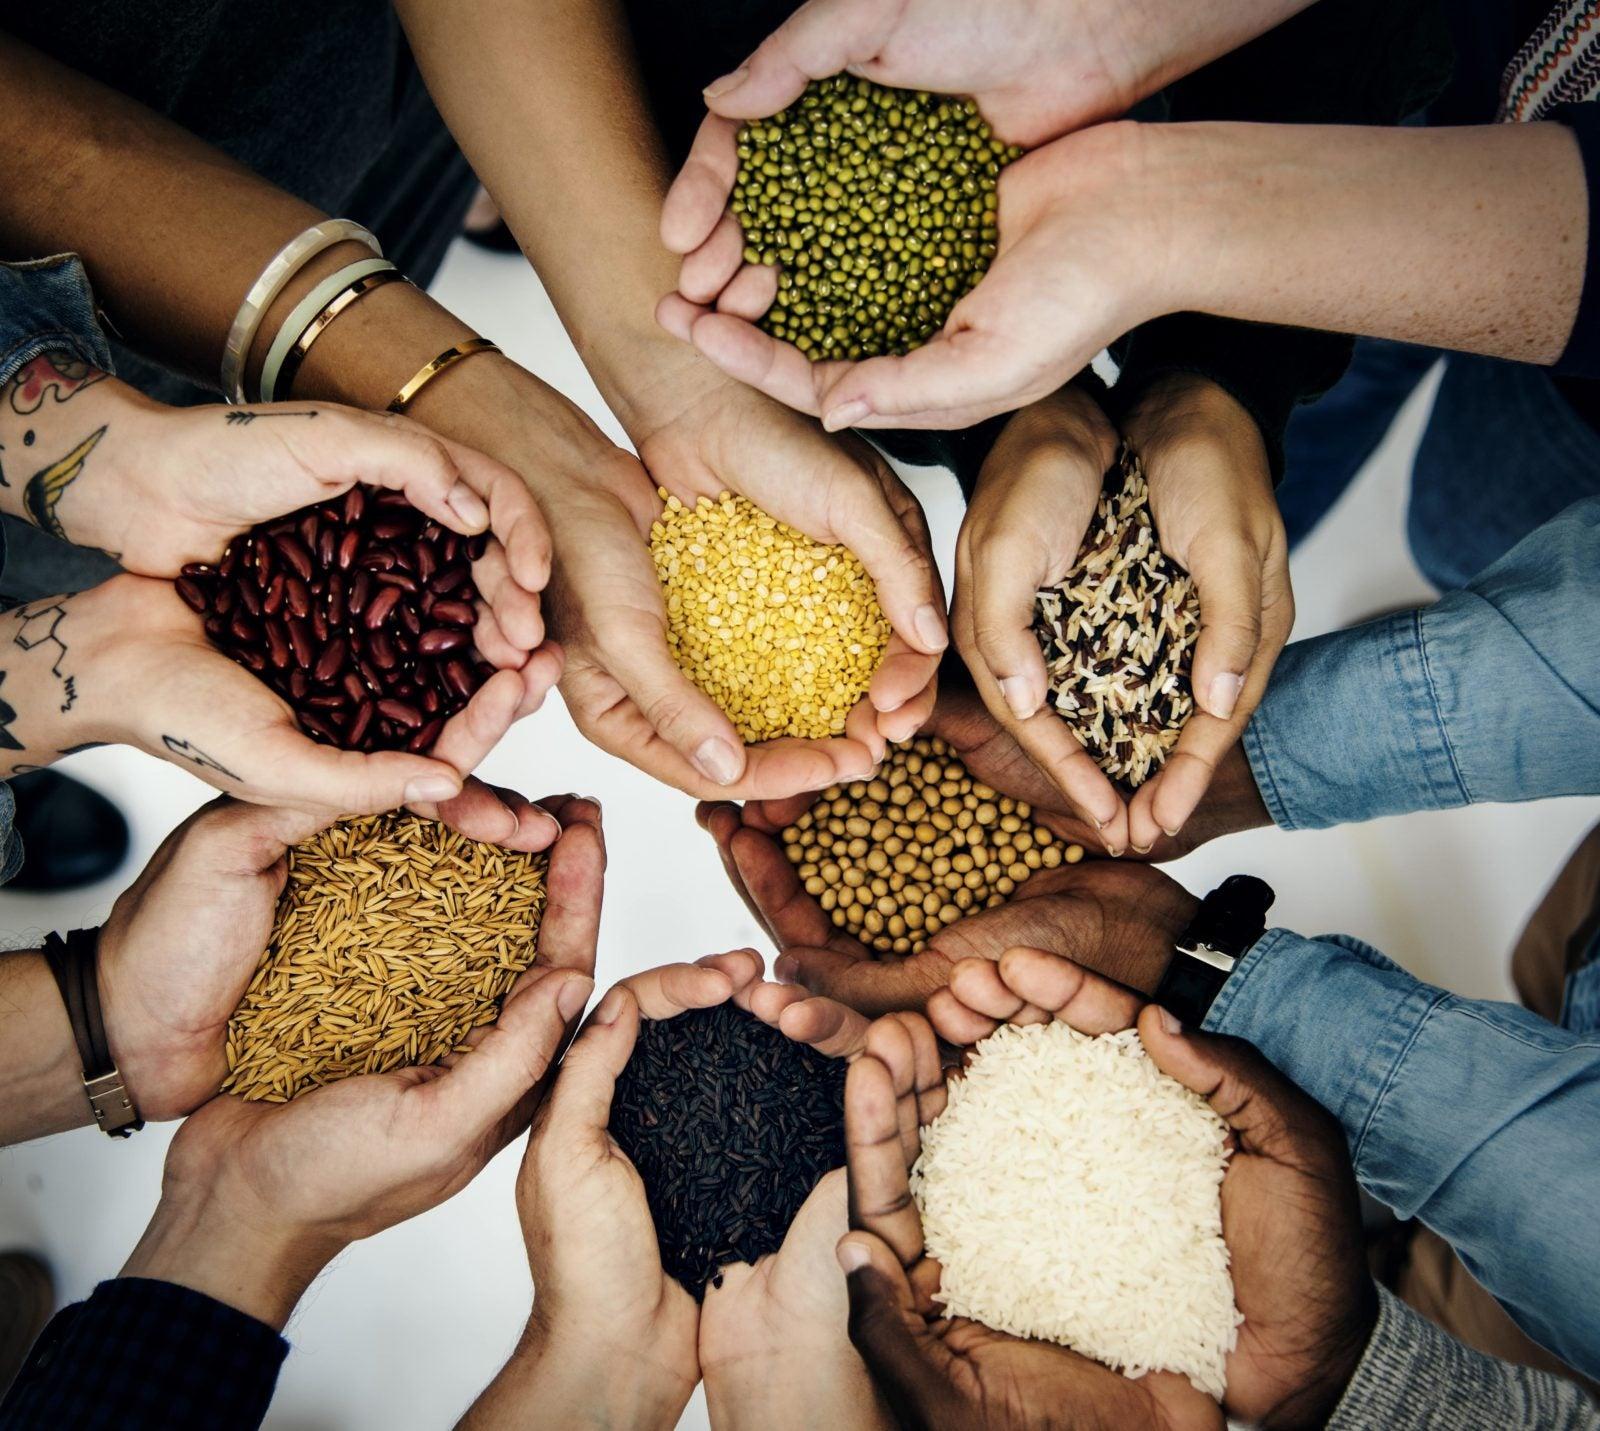 ¿Y cómo está América Latina y el Caribe en materia de seguridad alimentaria?